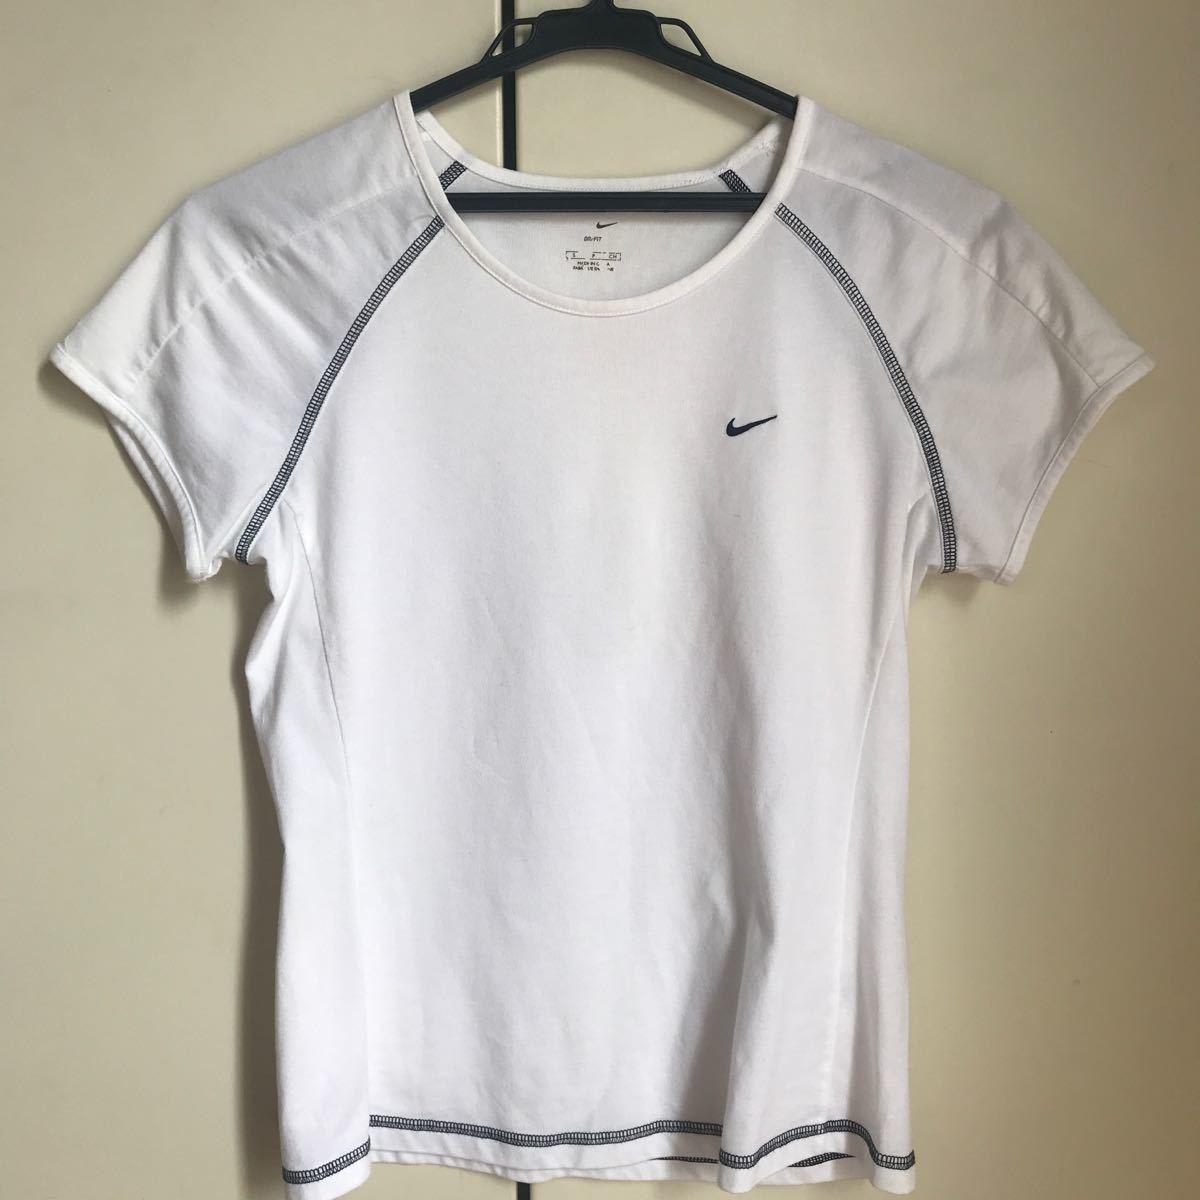 NIKE トレーニングウエア半袖Tシャツ ナイキ ナイキジャパン nike